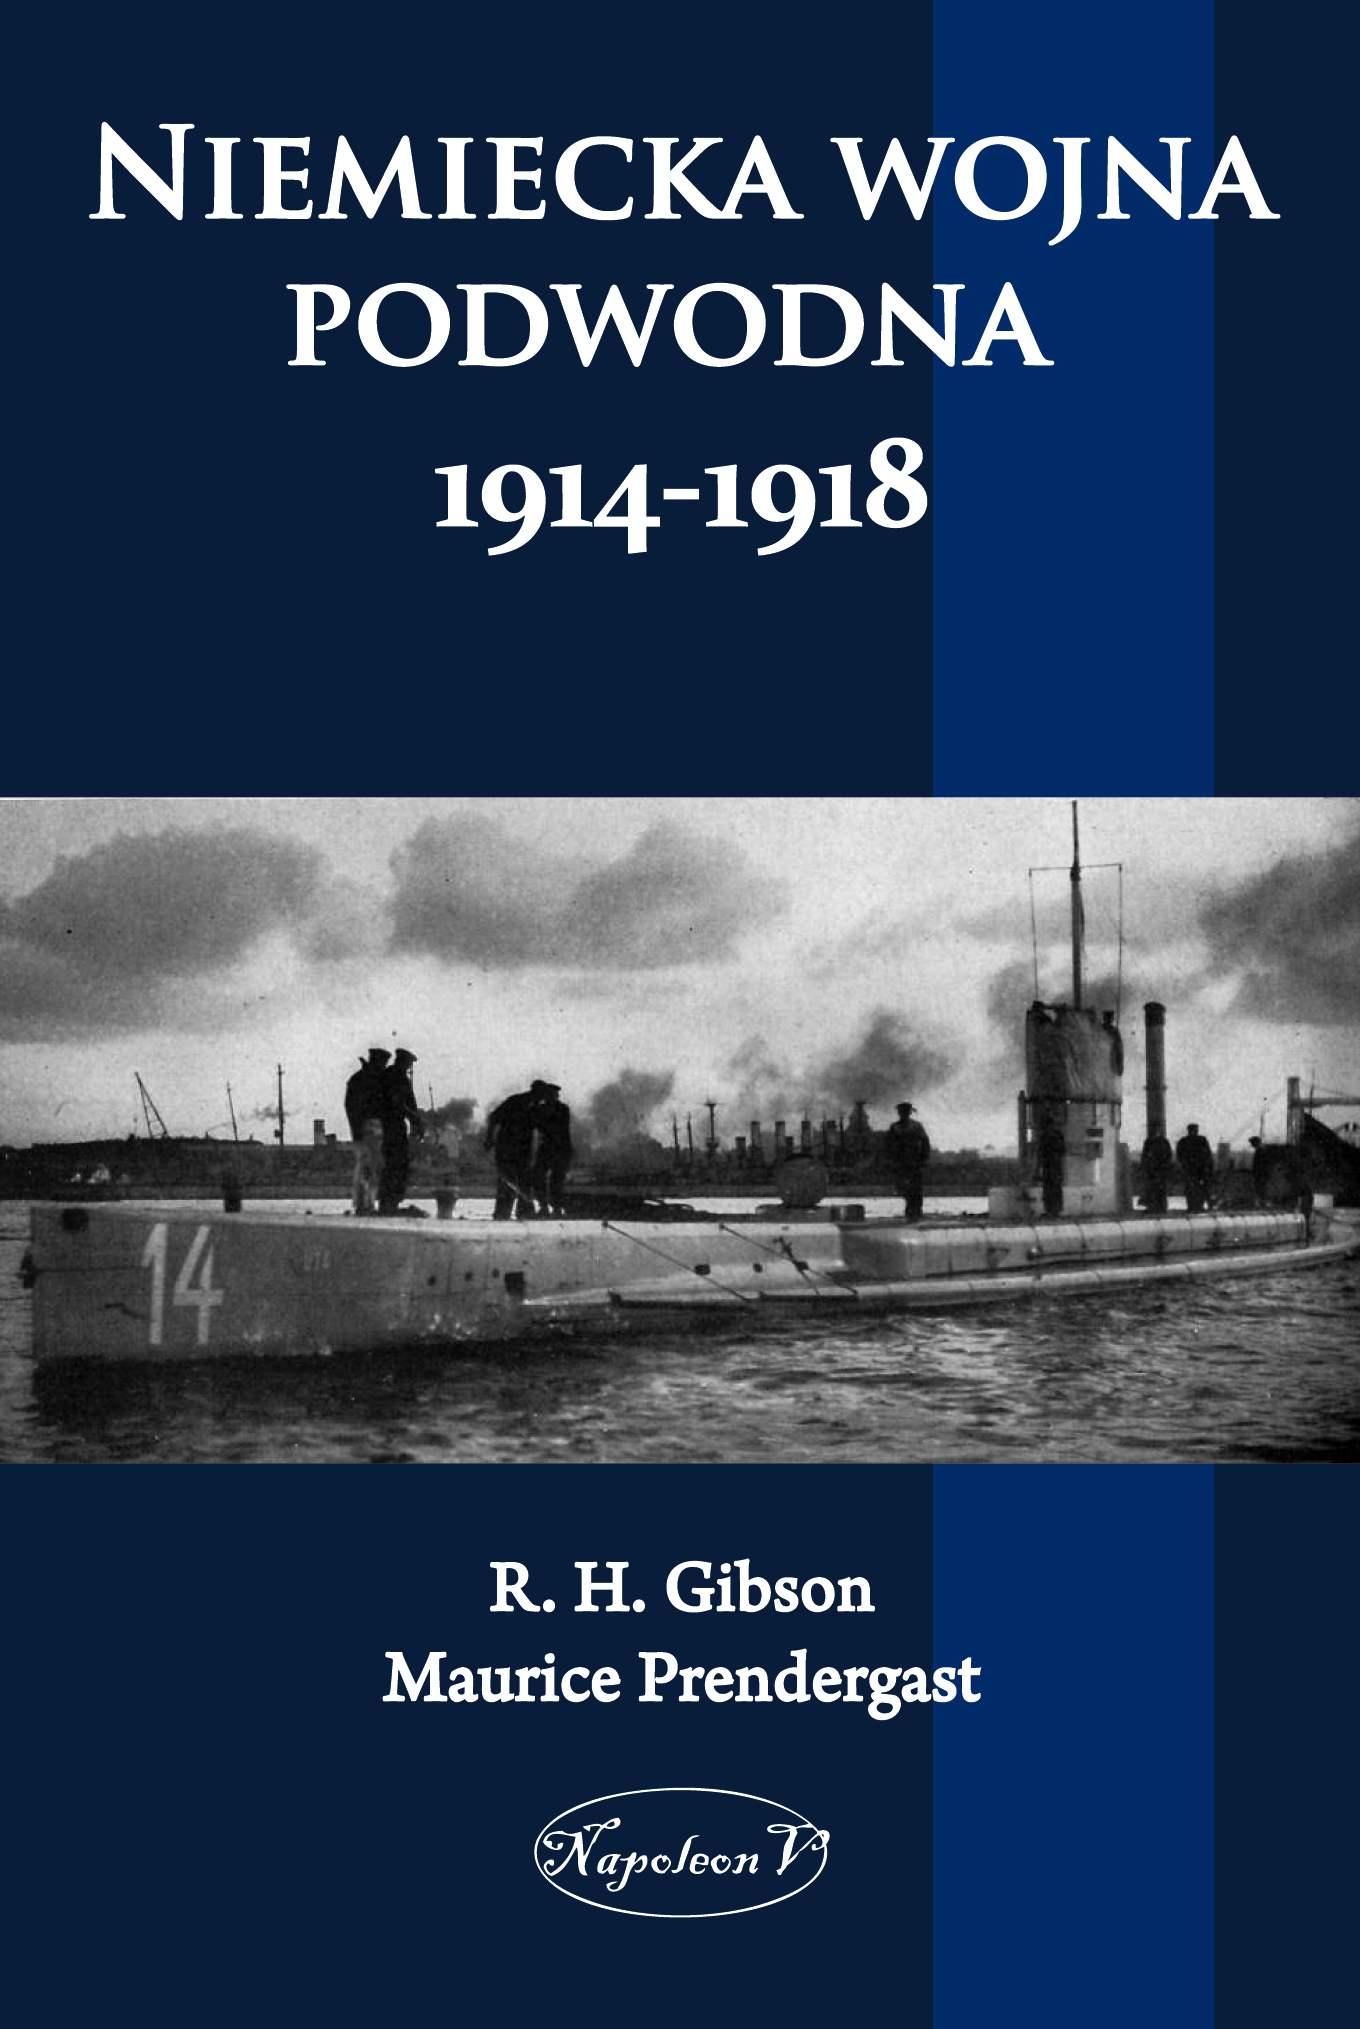 Niemiecka wojna podwodna 1914-1918 - Ebook (Książka na Kindle) do pobrania w formacie MOBI